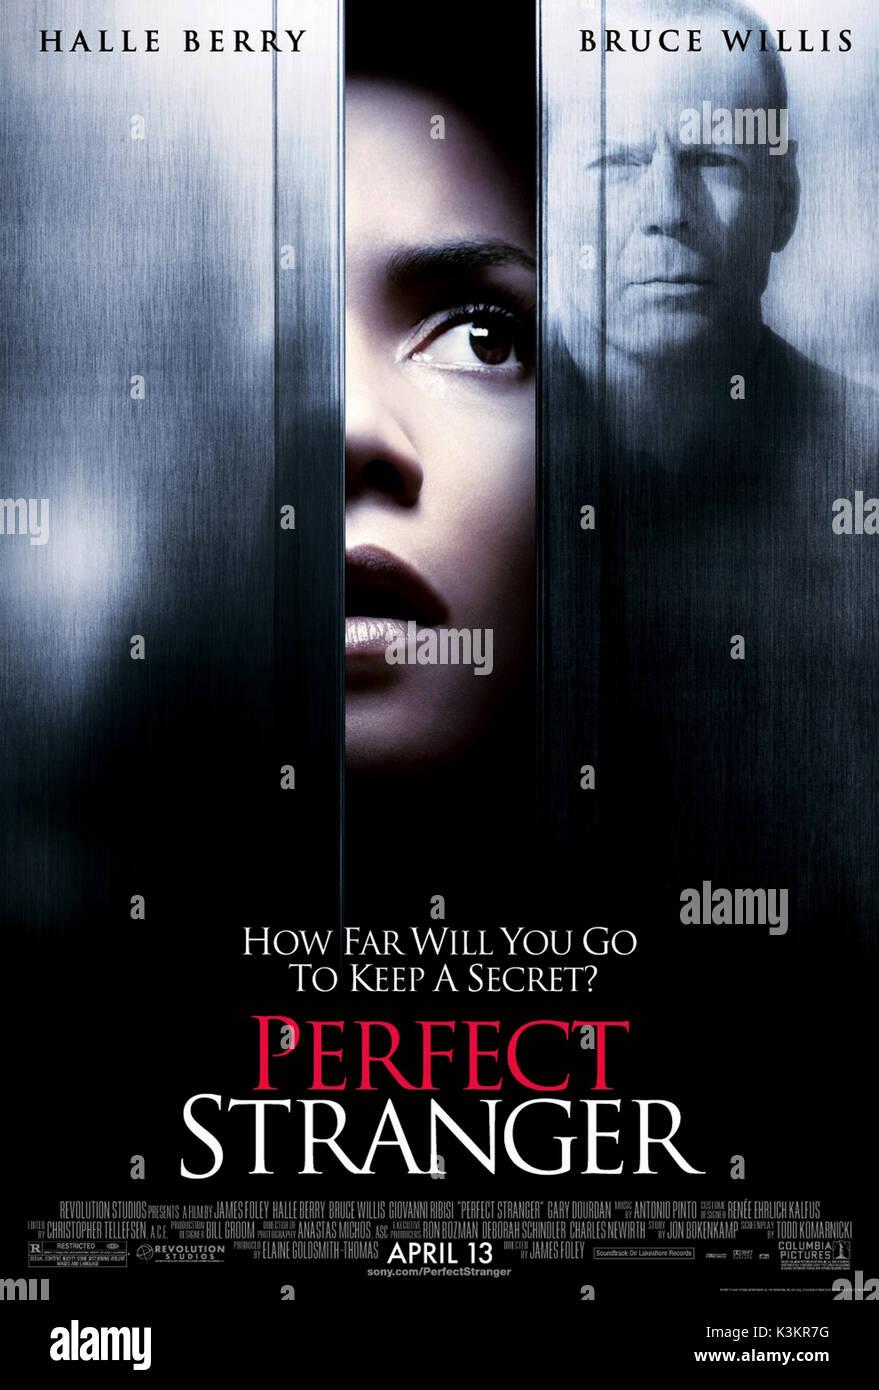 Bruce Willis Perfect Stranger 20 Stockfotos und  bilder Kaufen ...